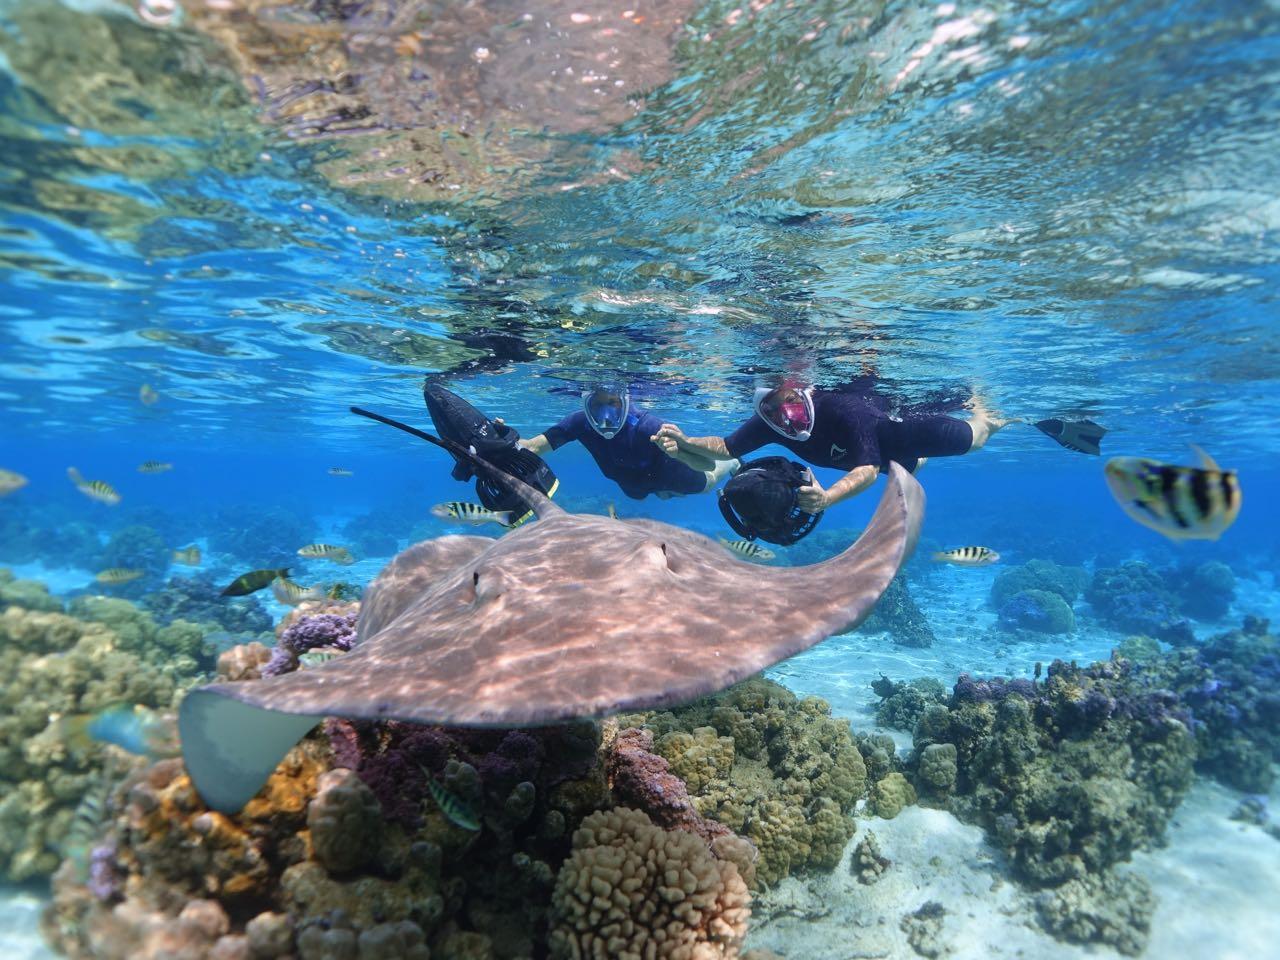 https://tahititourisme.kr/wp-content/uploads/2020/09/Sea-Scooter-Snorkeling-Tour-à-moorea-copie-2.jpg